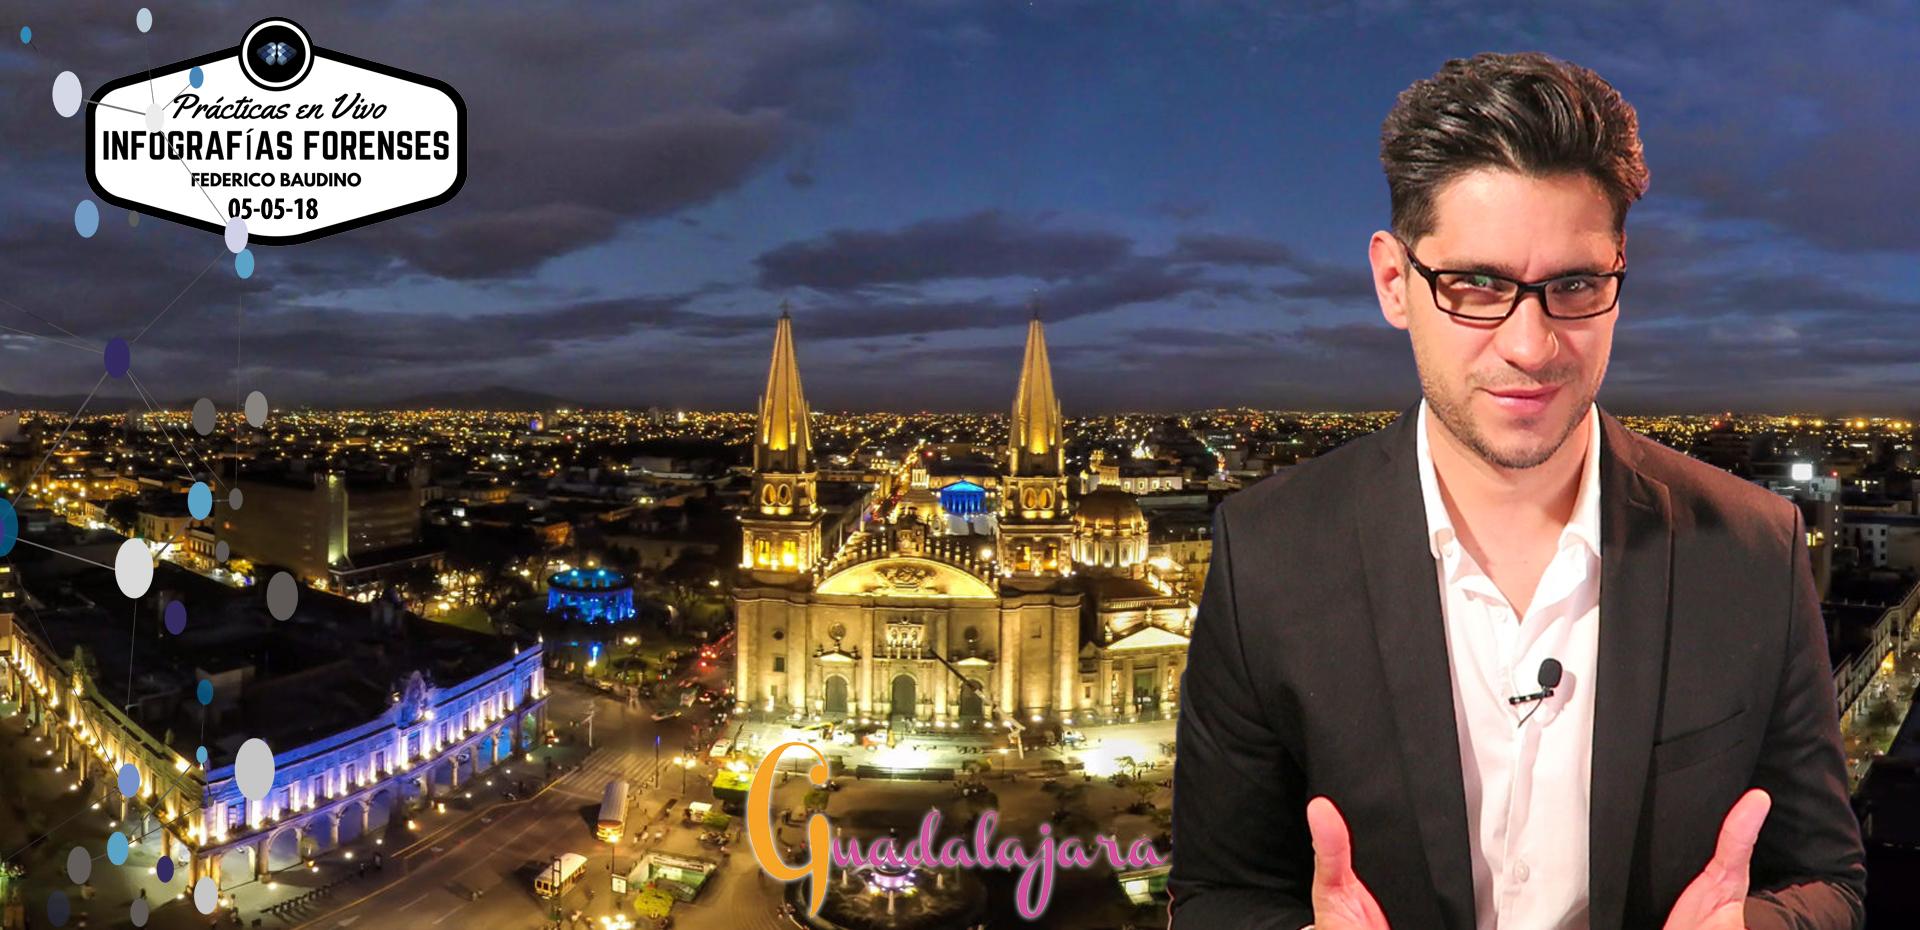 Infografías Forenses Guadalajara